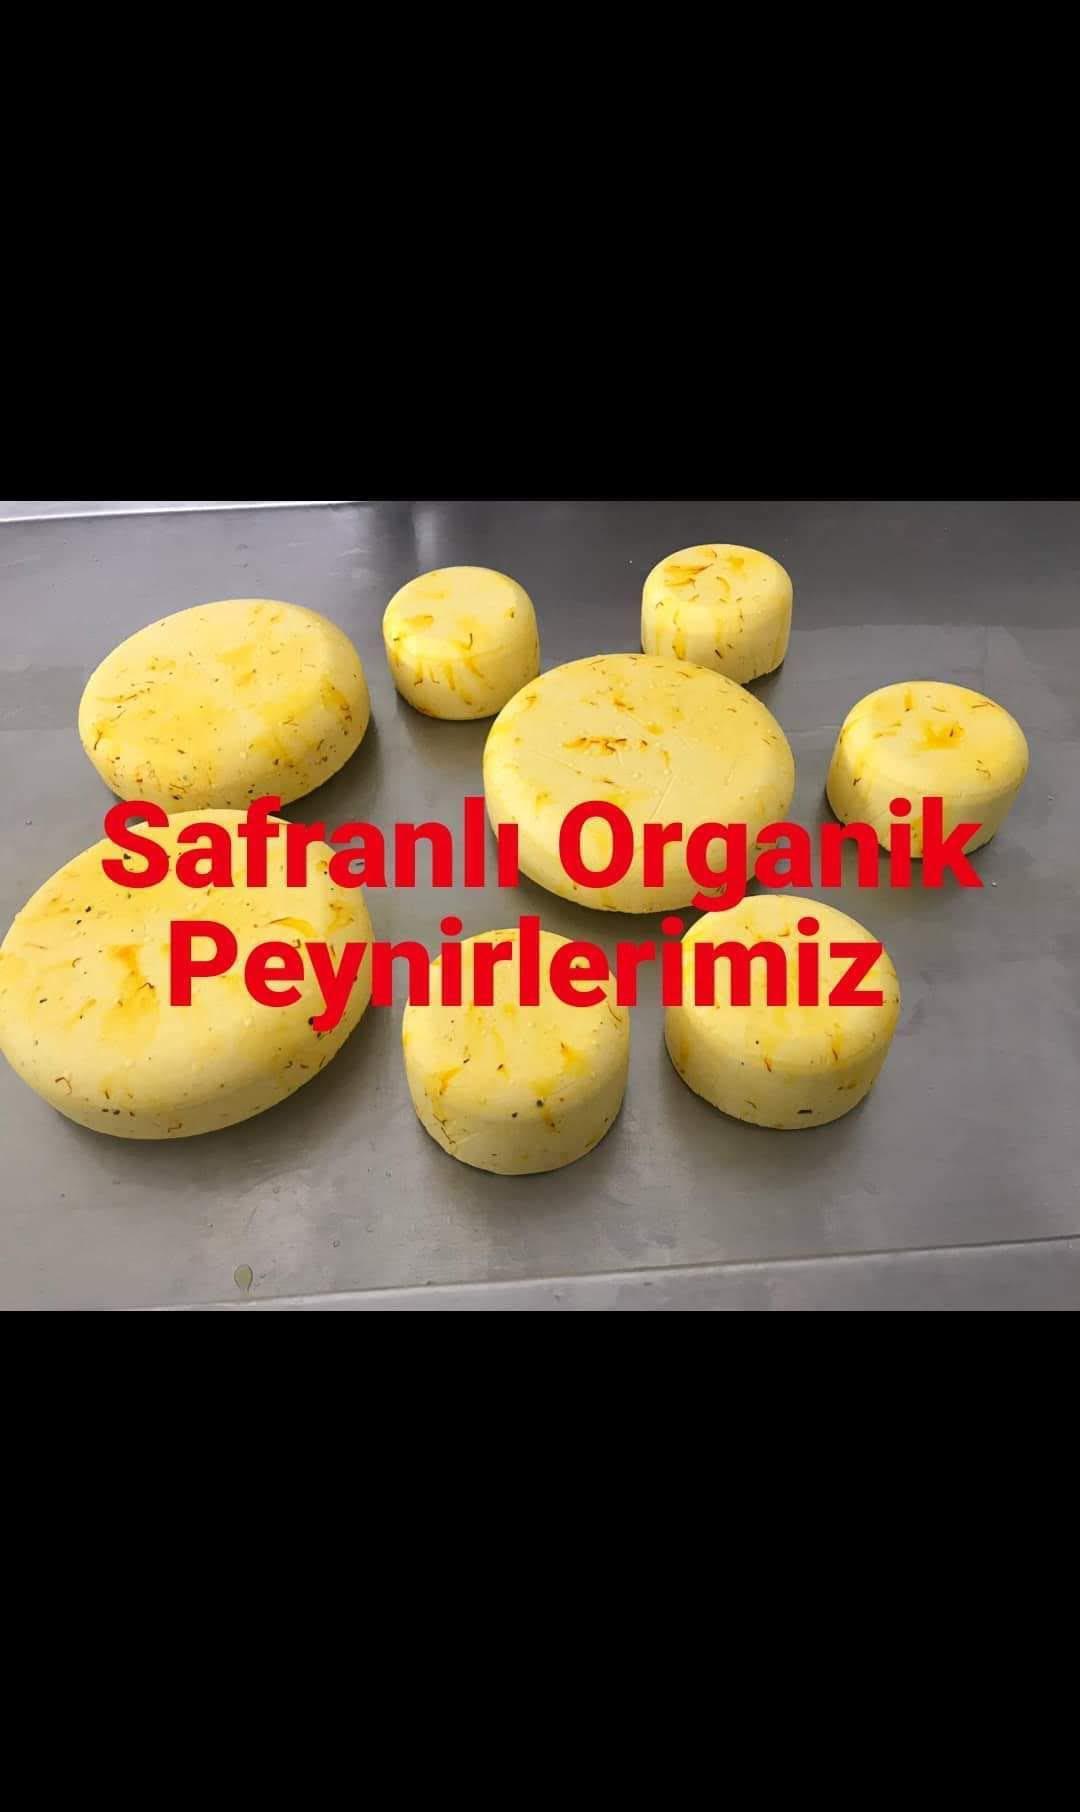 Ankara Etimesgut Satılık Safran